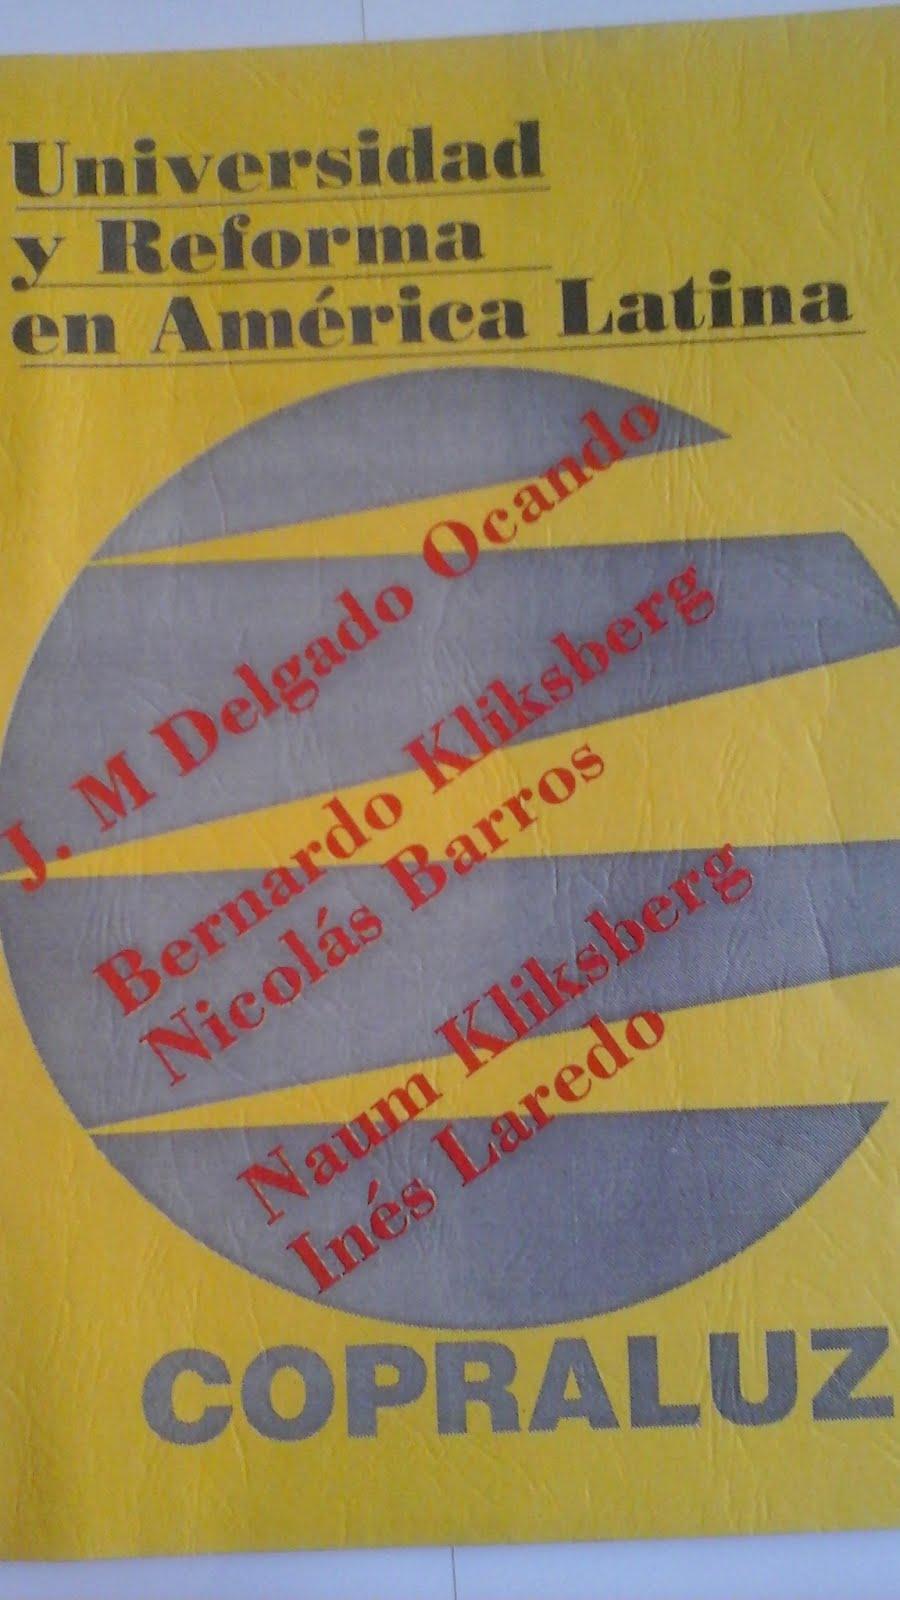 35 - Publicado por la Universidad del Zulia, Venezuela, 12/1990.